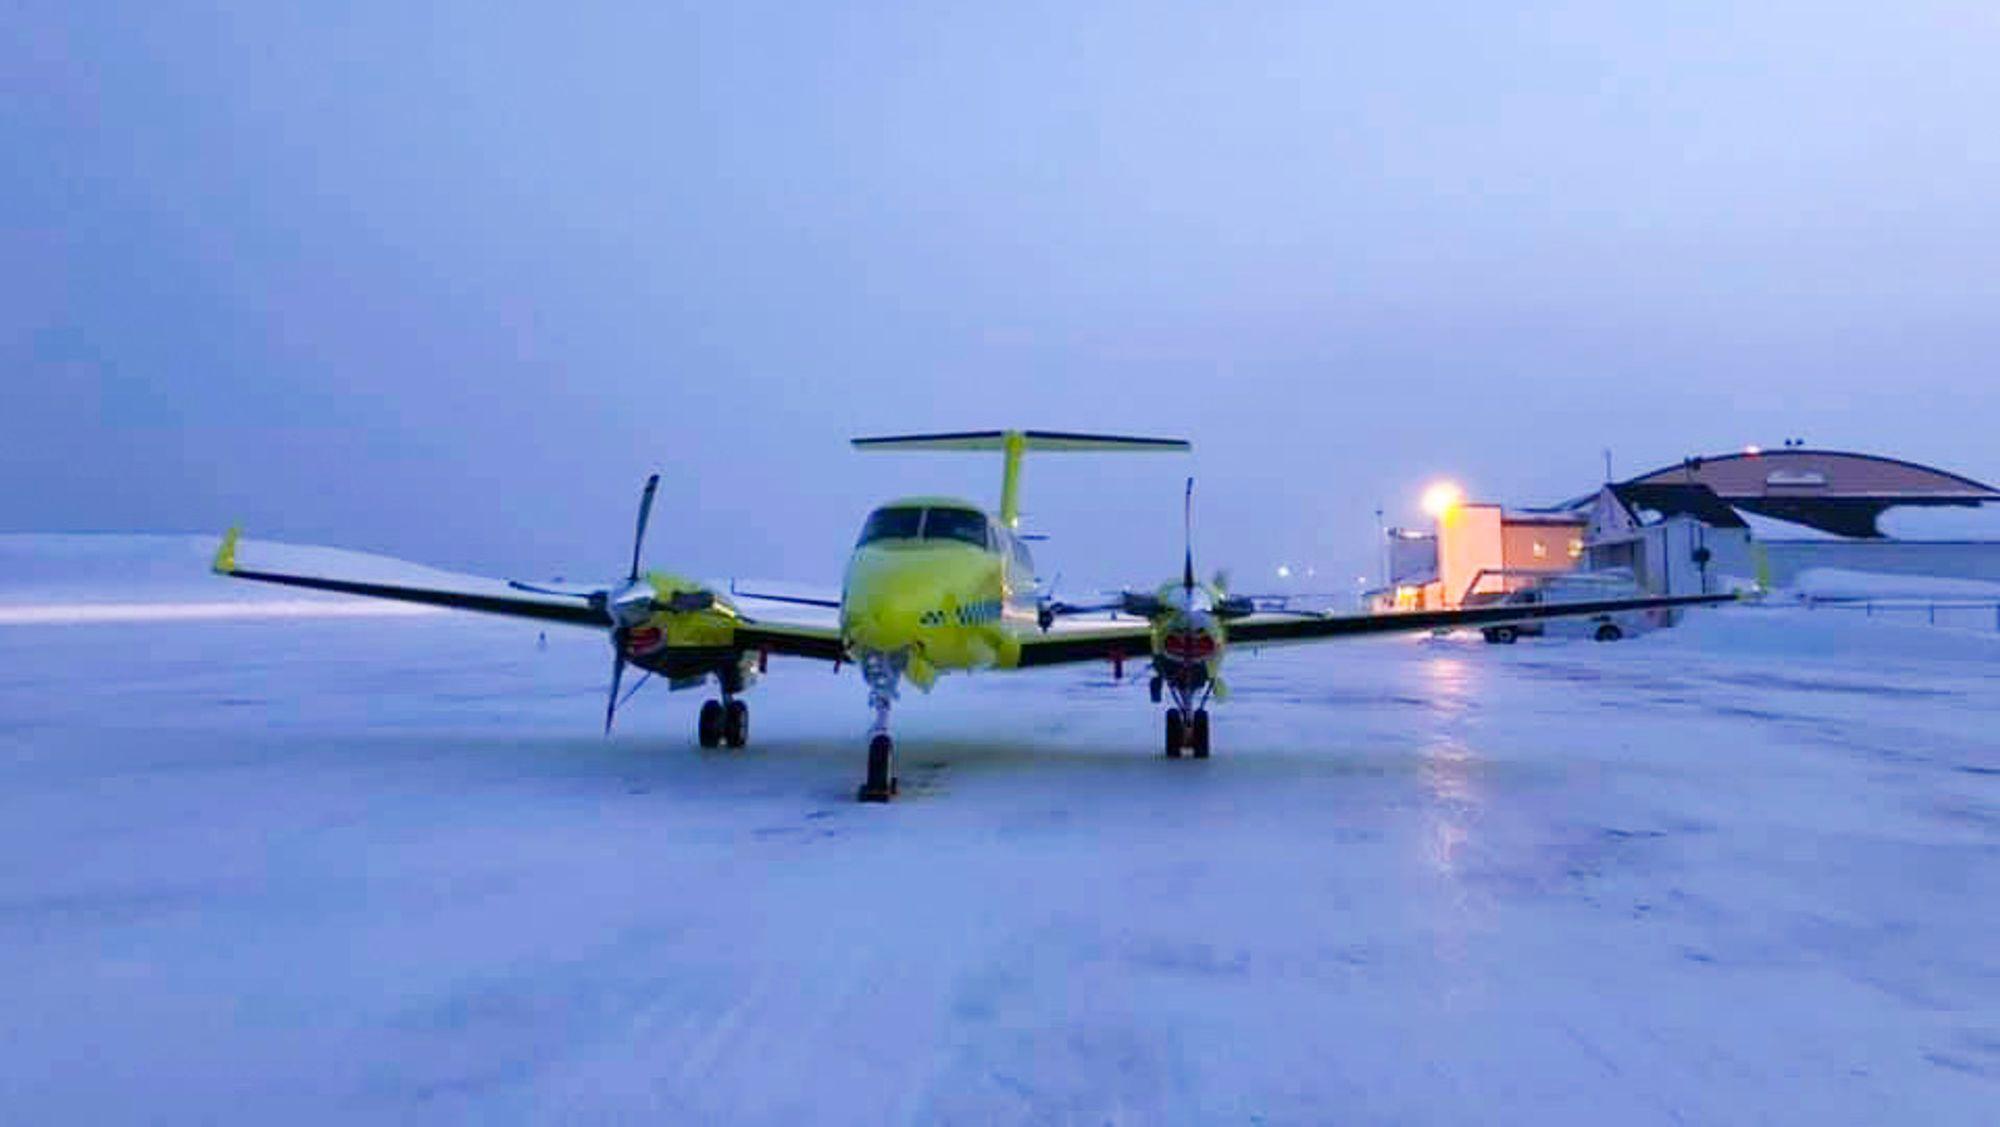 Fire av de nye Beech B250 ambulanseflyene til Babcock ble i starten av desember tatt ut av tjeneste etter tekniske feil. Andre juledag oppsto en lignende feil på ett av flyene på vei til Mehamn i Kirkenes.